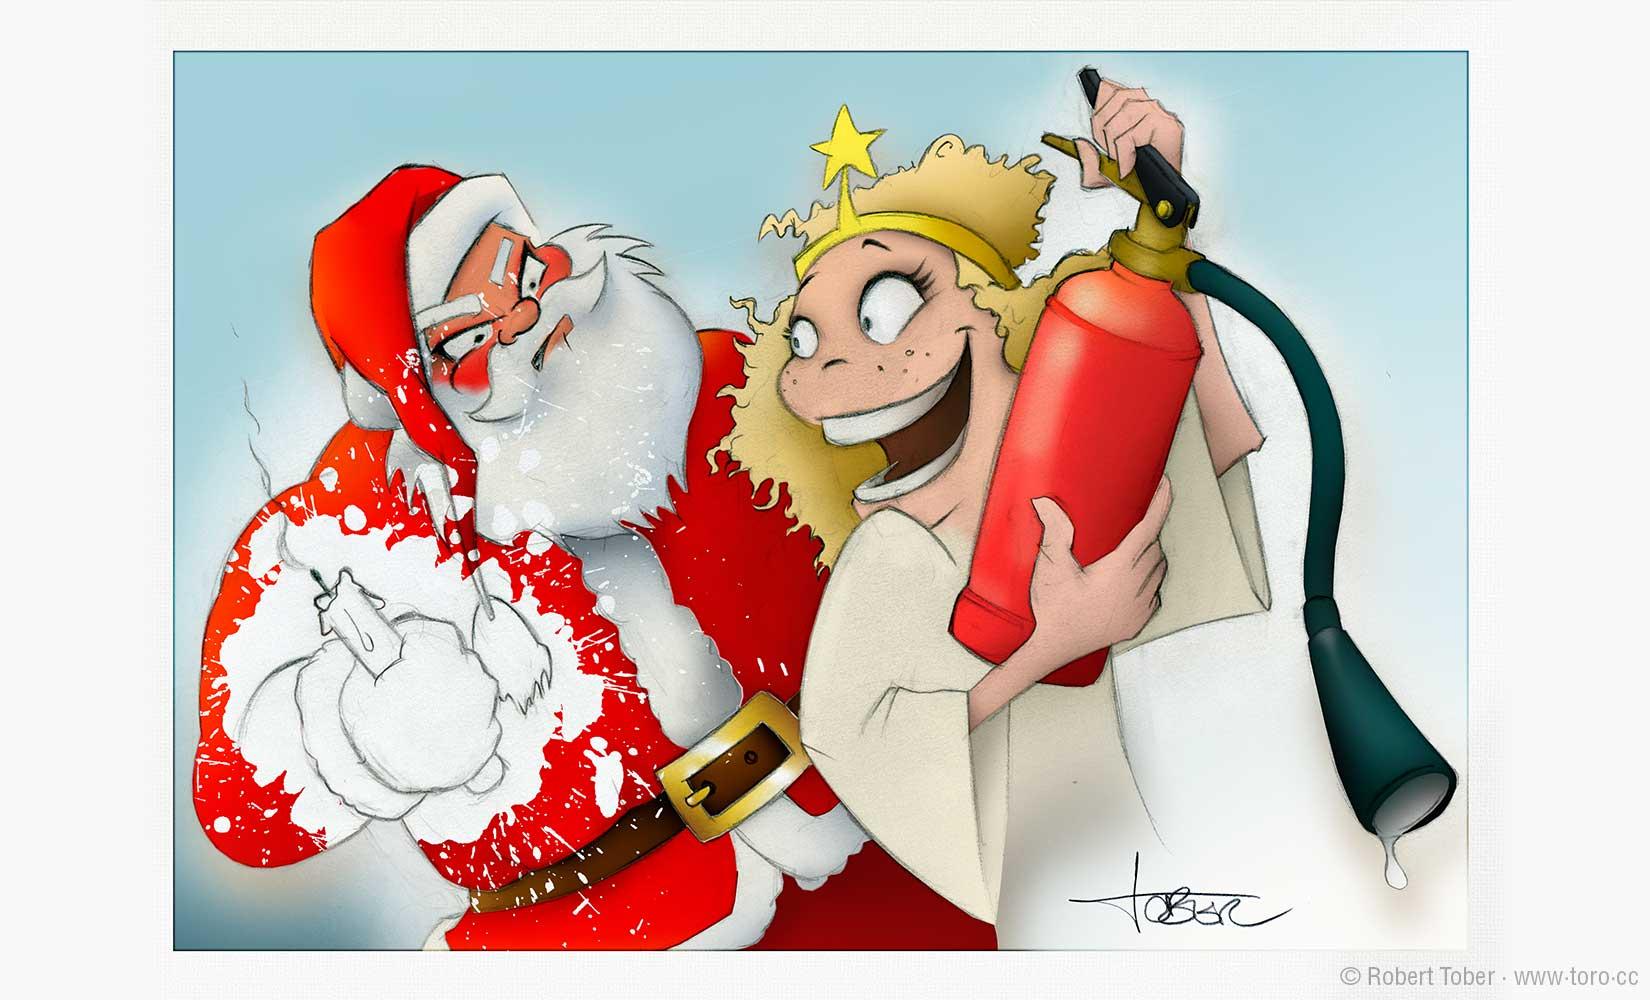 Das Christkind hat den Weihnachtsmann mit einem Feuerlöscher vollgespritzt. Illustration von Robert Tober